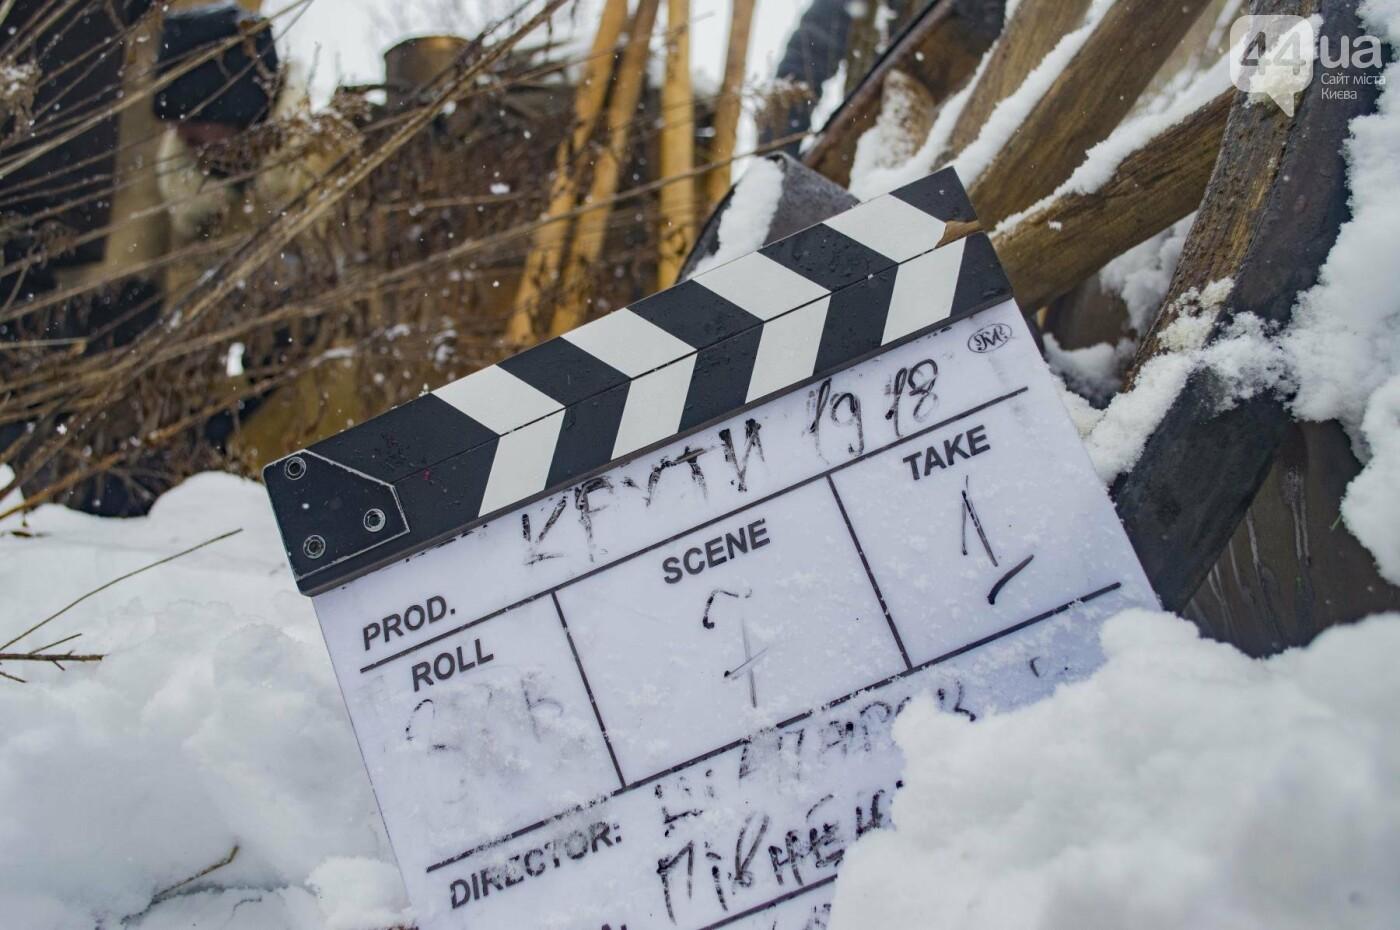 Под Киевом снимают новый украинский фильм, яркие закулисные фото, фото-1